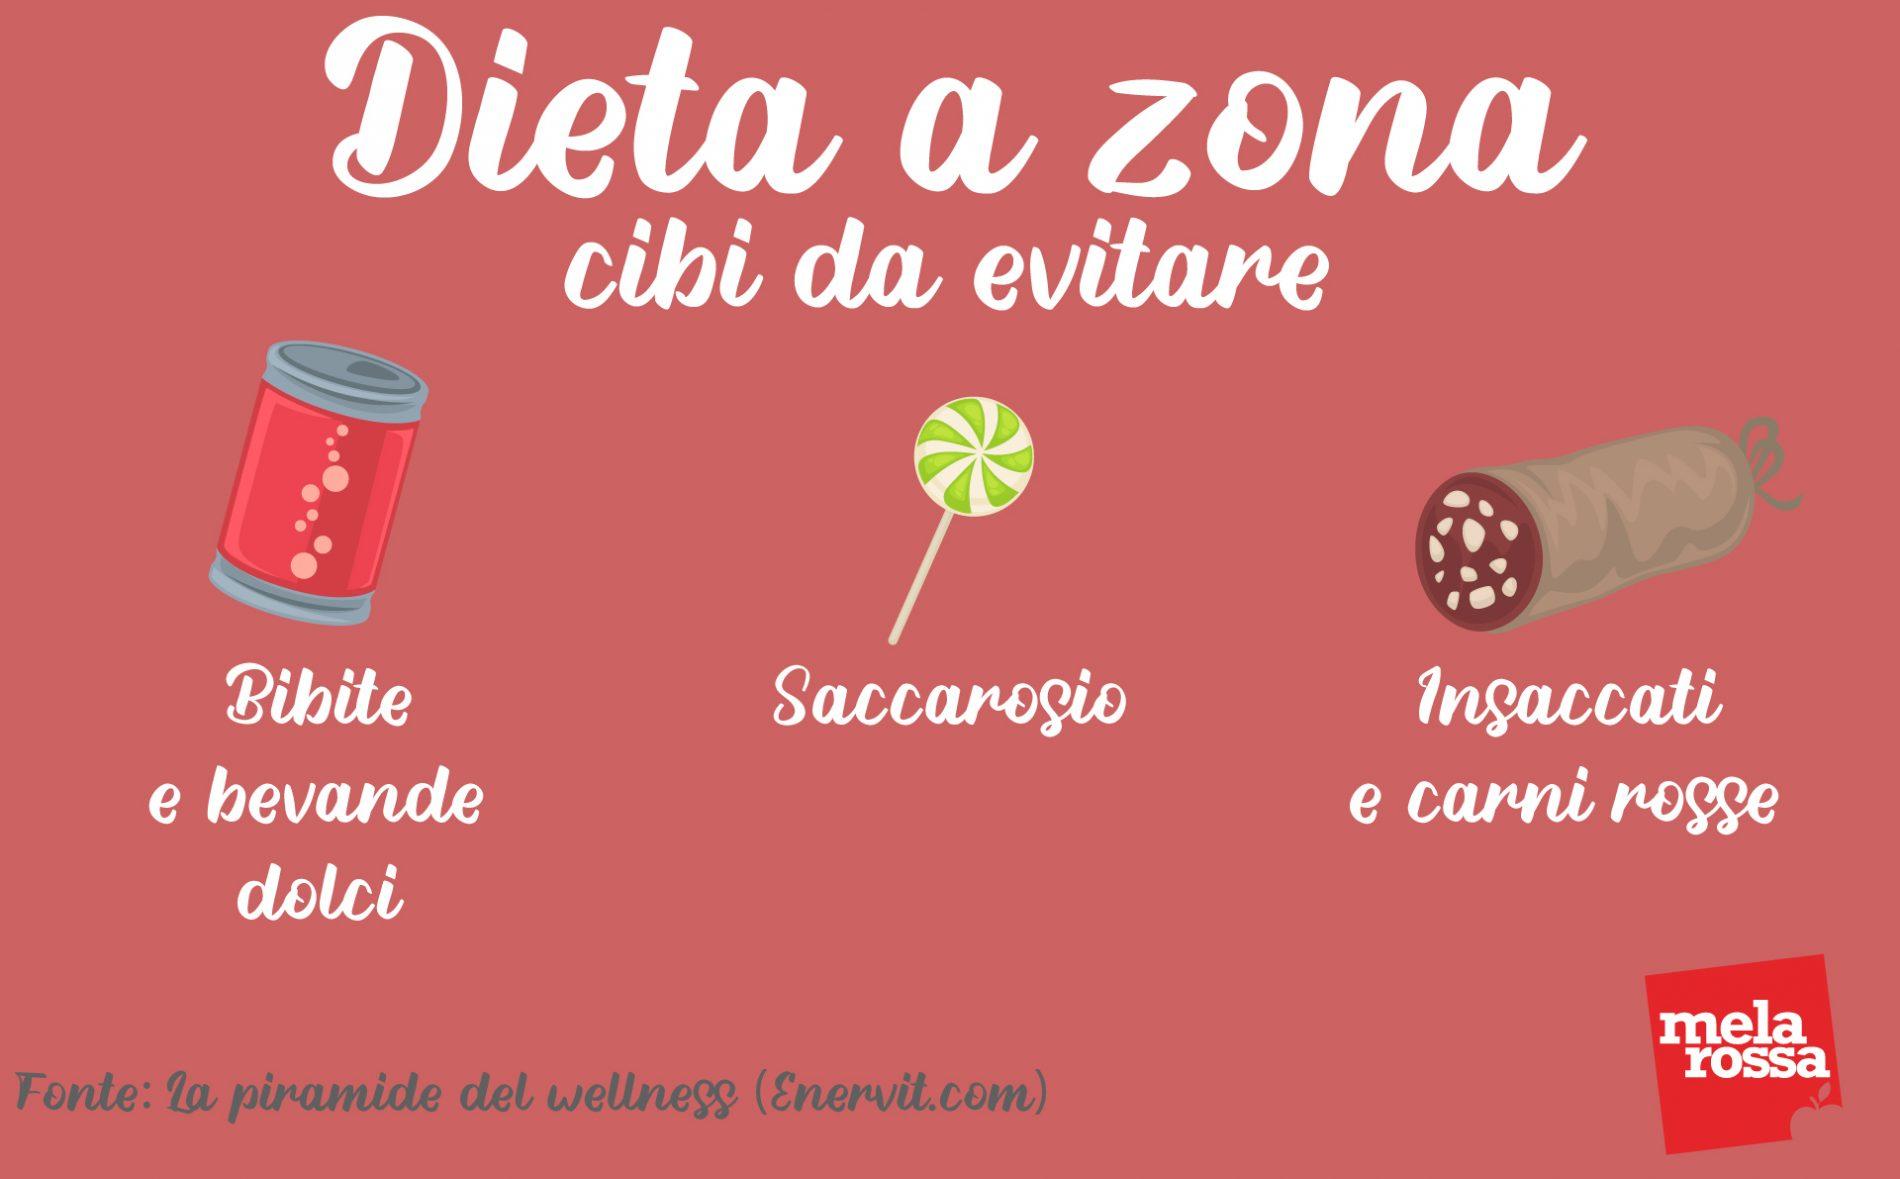 Dieta a zona: cibi da evitare